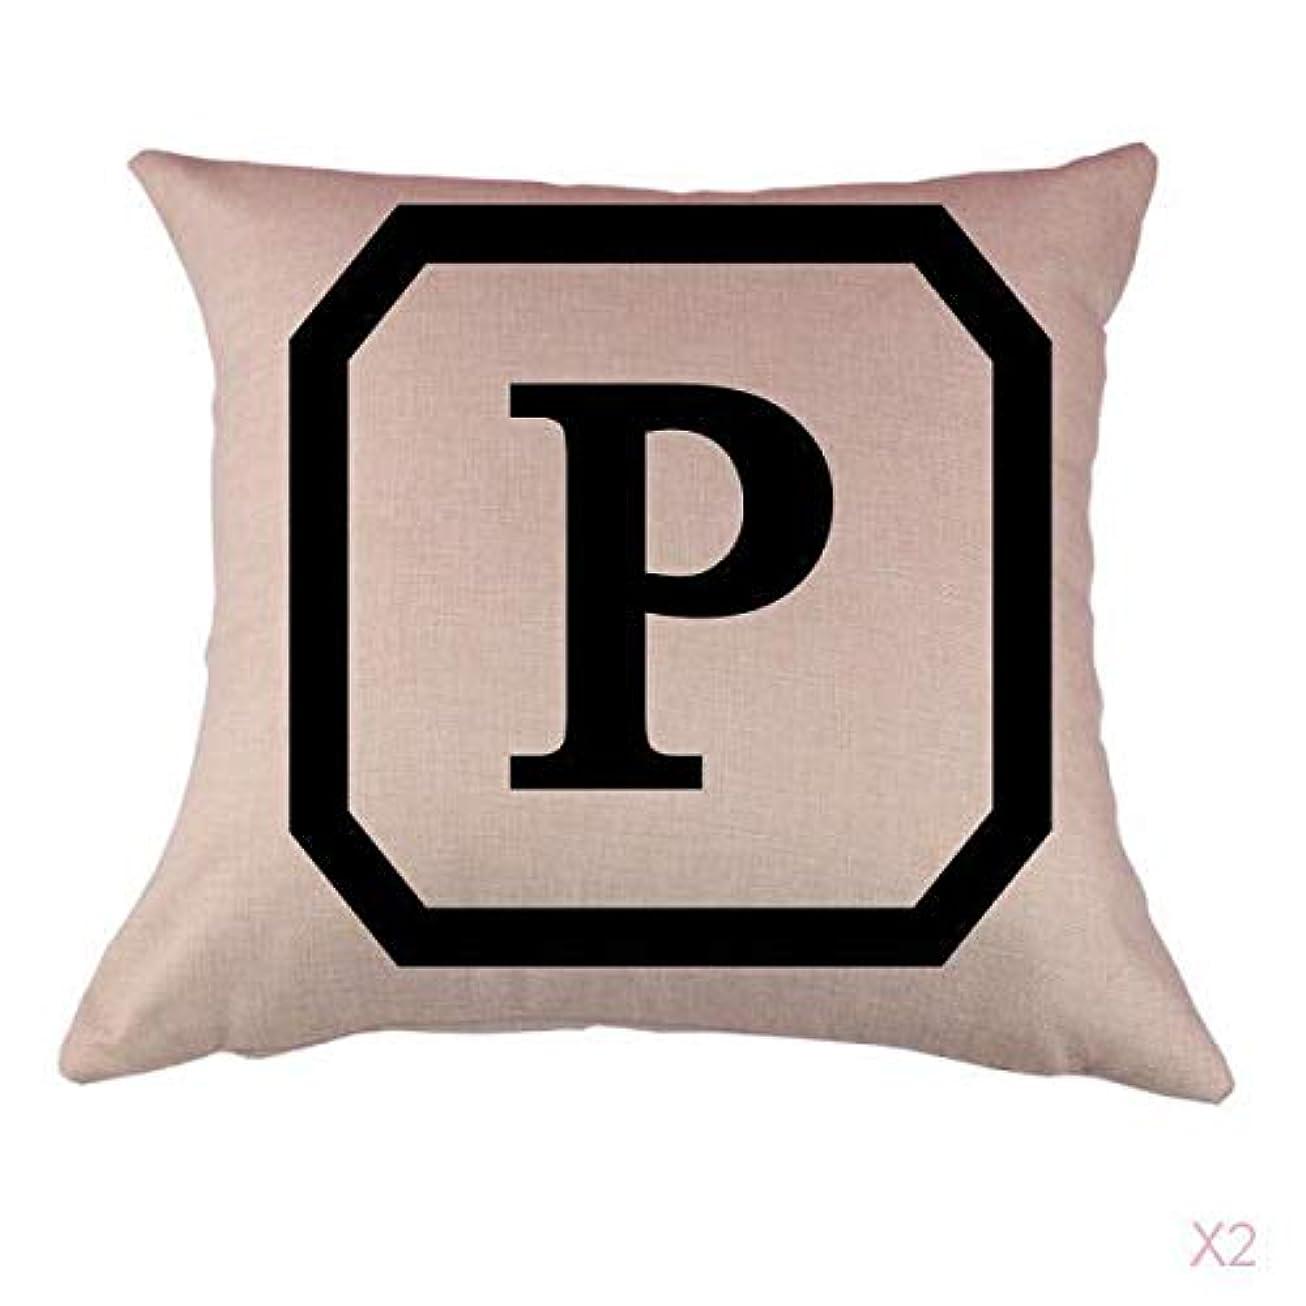 苗低い最大コットンリネンスロー枕カバークッションカバー家の装飾頭文字P